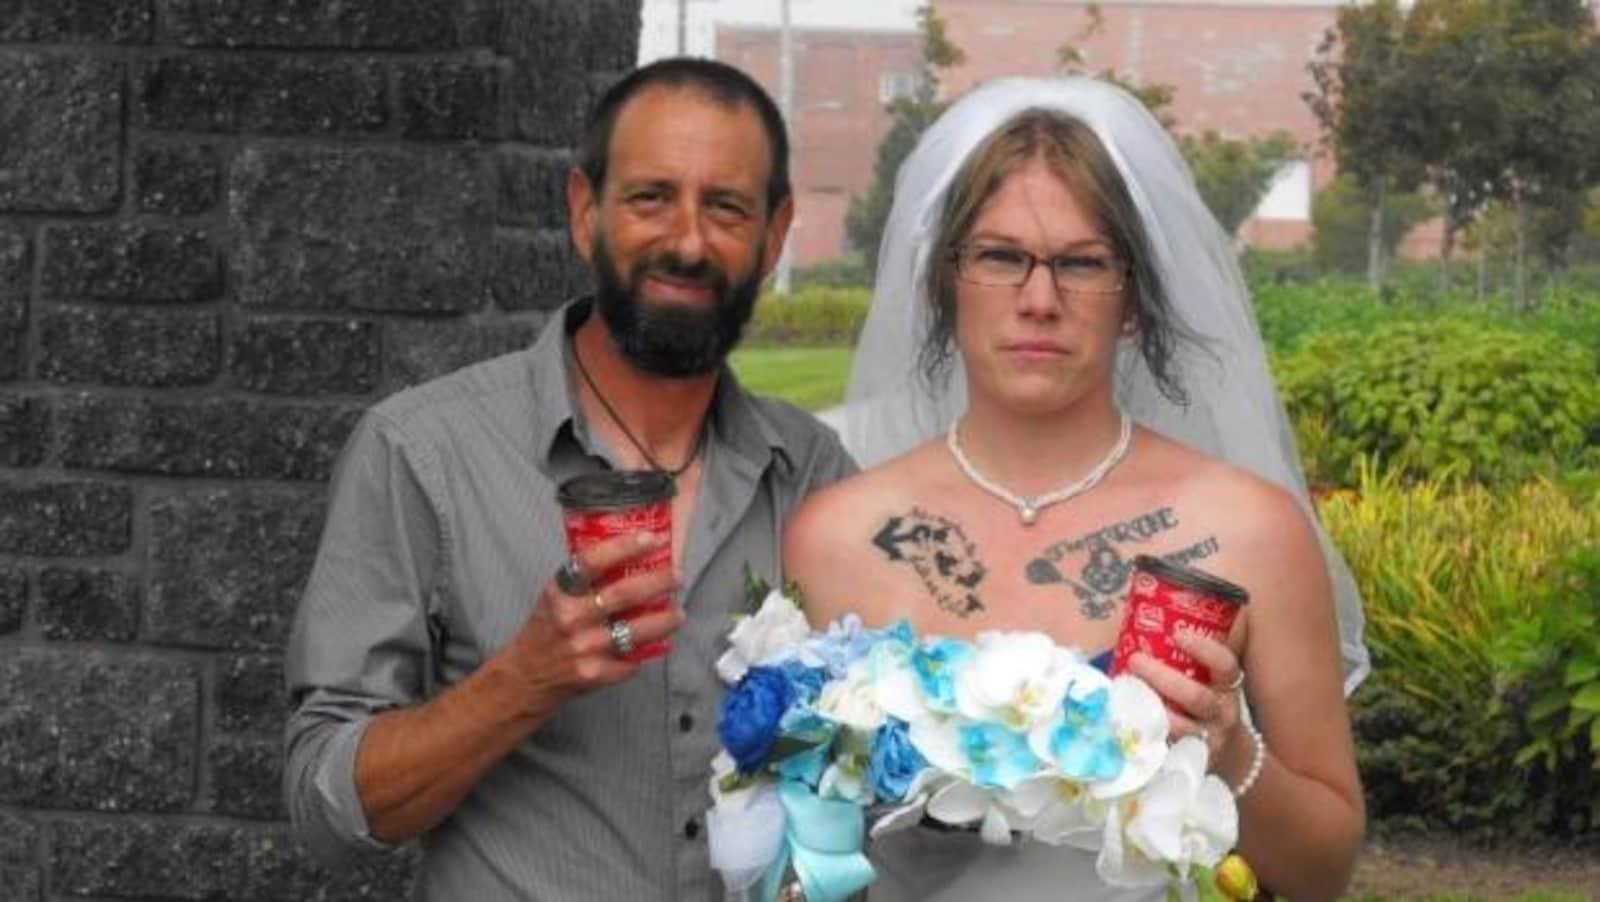 Les nouveaux mariés avec des tasses de Tim Hortons à la main.